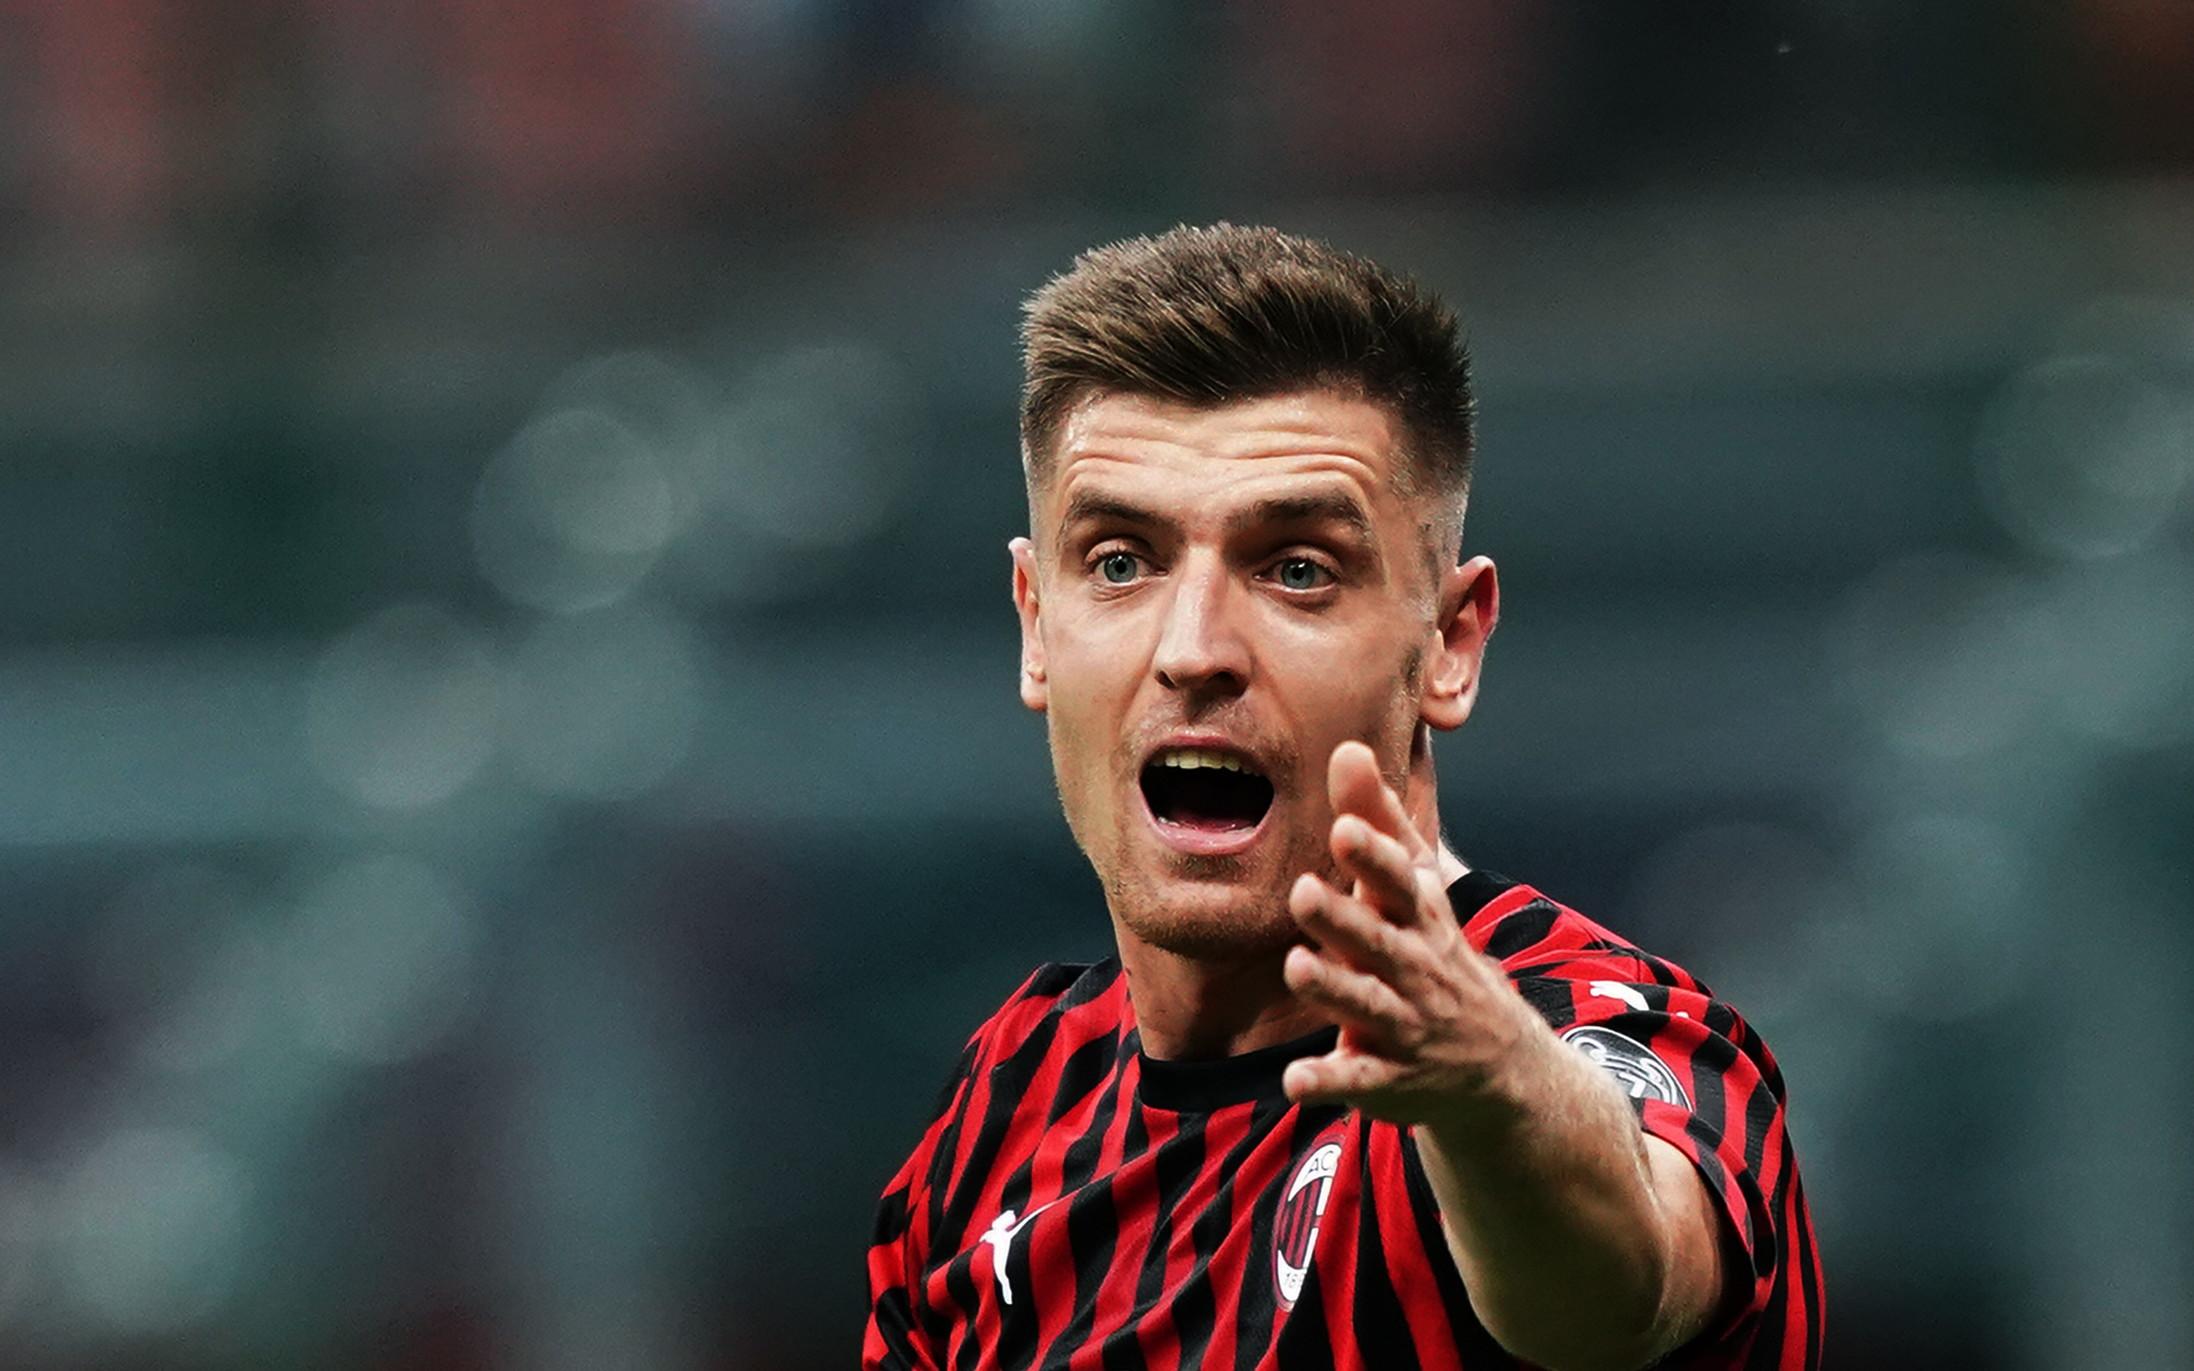 Sconfitta pesante per il Milan, che crolla in casa contro la Fiorentina nel posticipo domenicale della sesta giornata. A San Siro finisce 3-1 per la s...